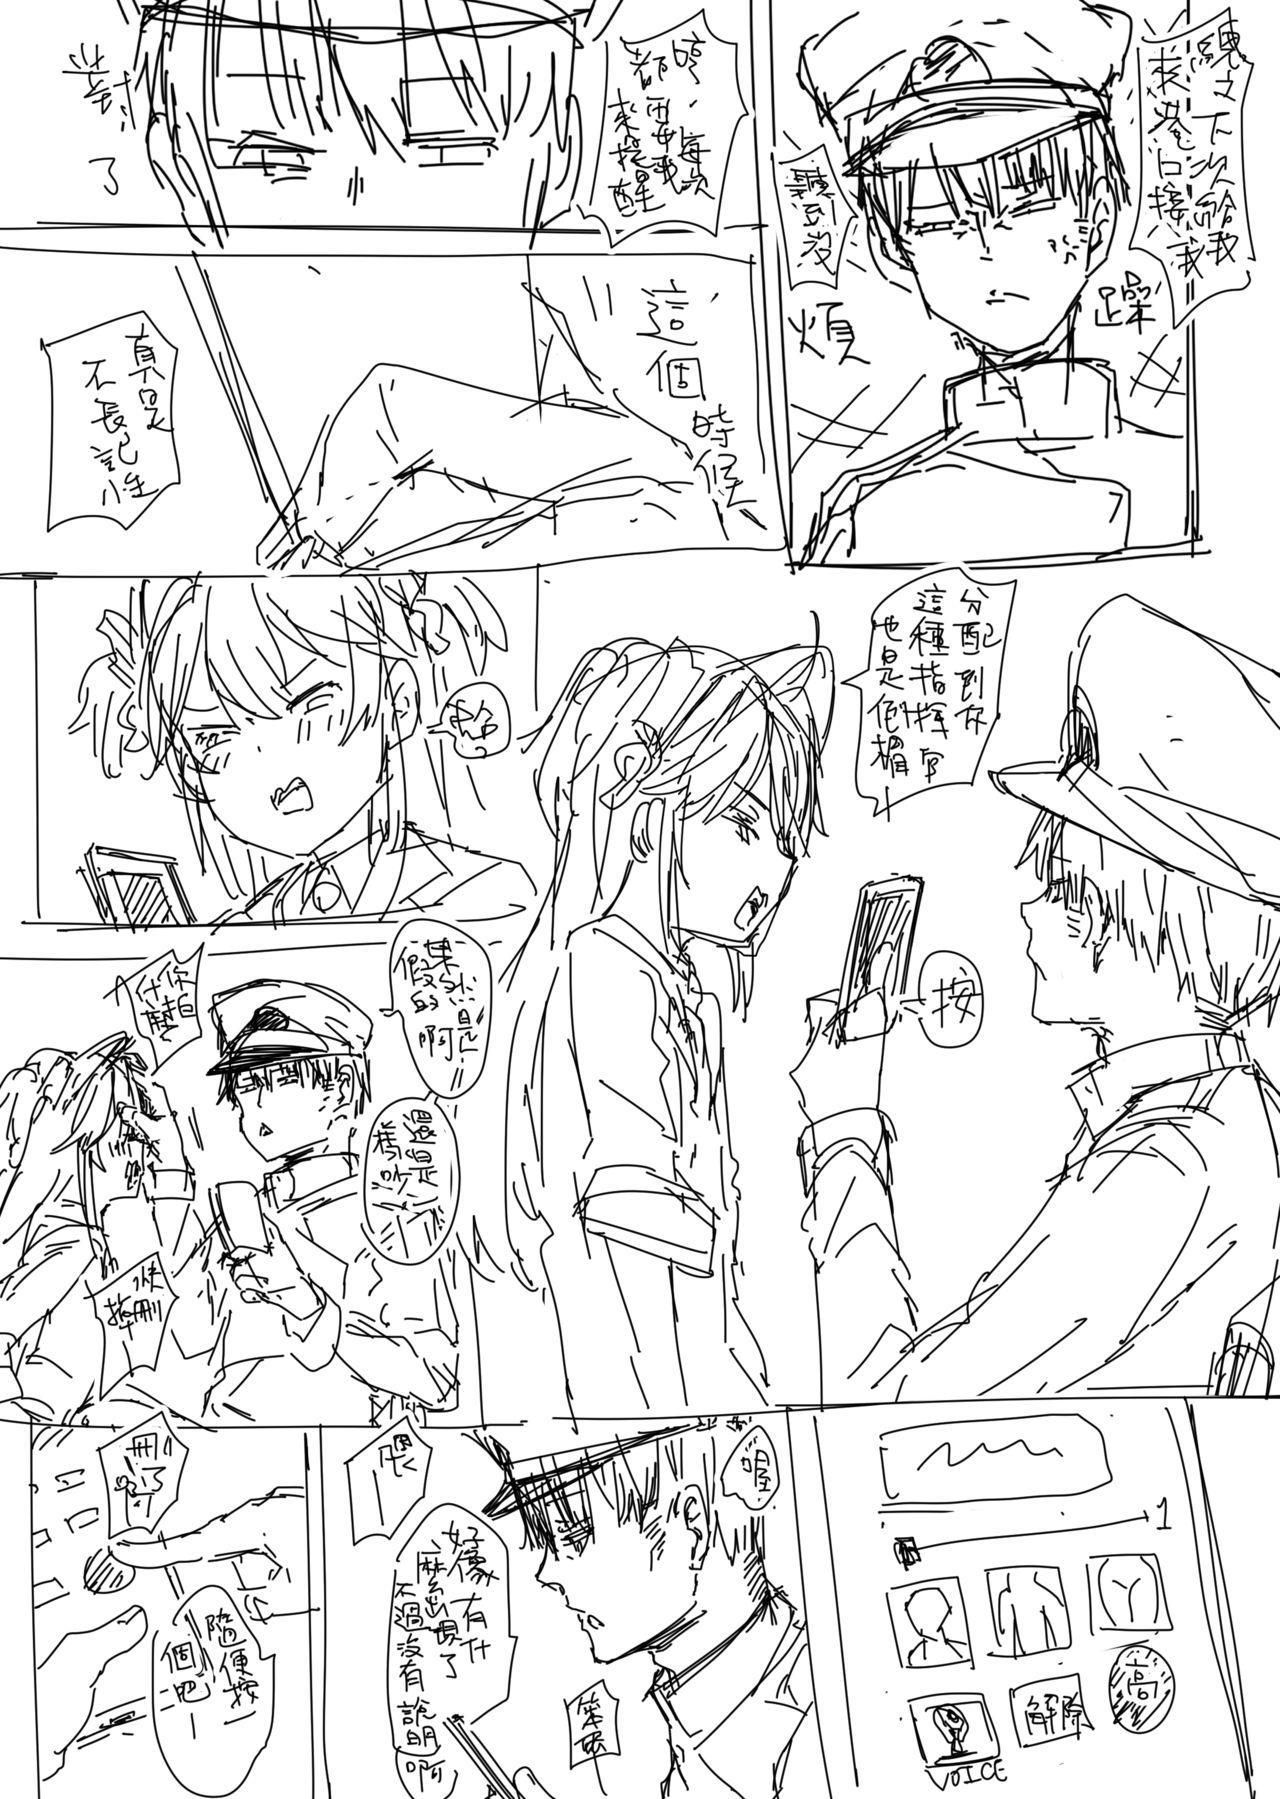 Hipper Rakugaki Manga 3